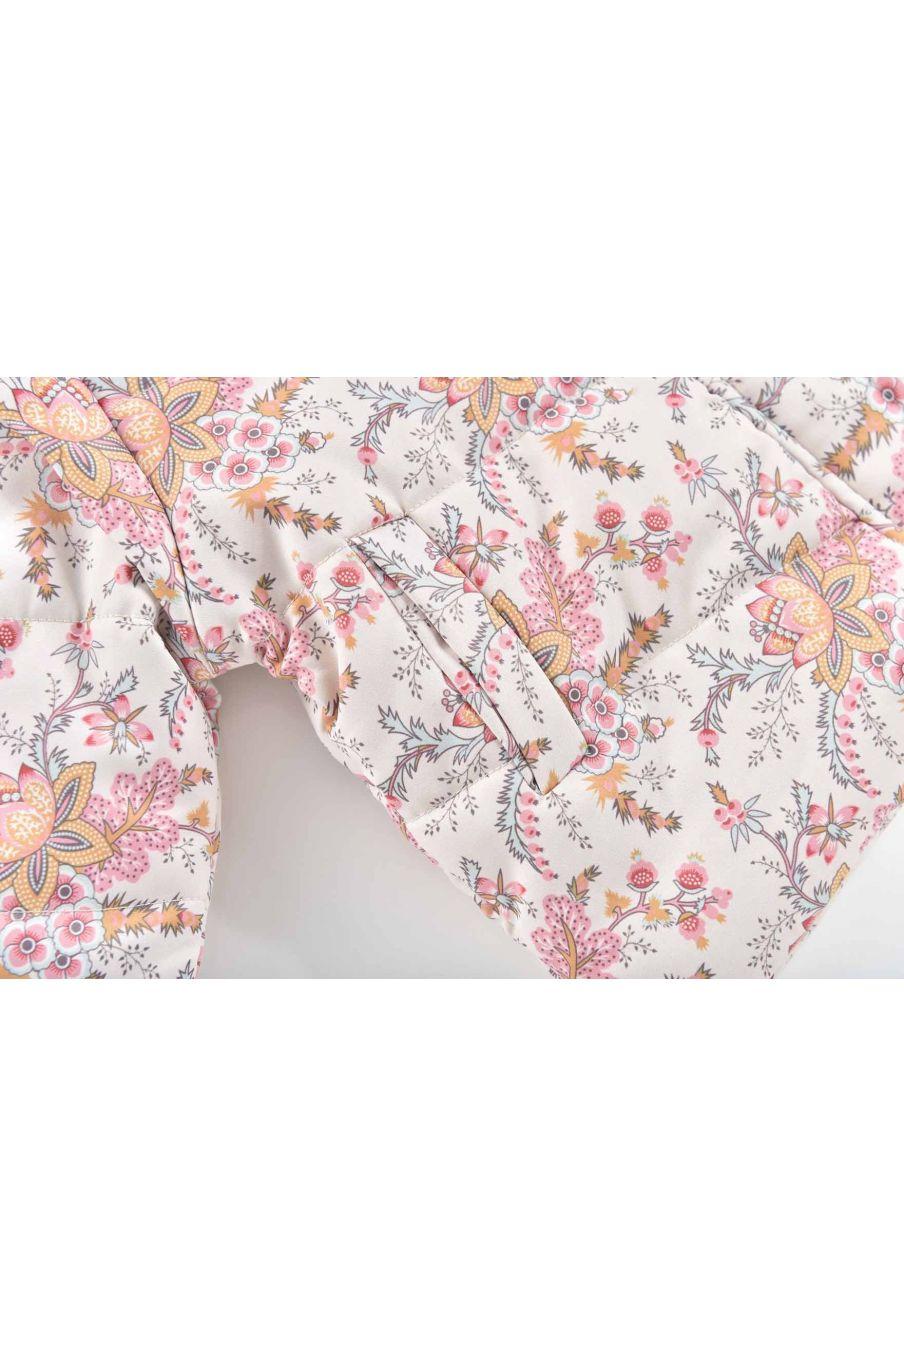 doudoune bebe fille edalise cream french flowers - louise misha